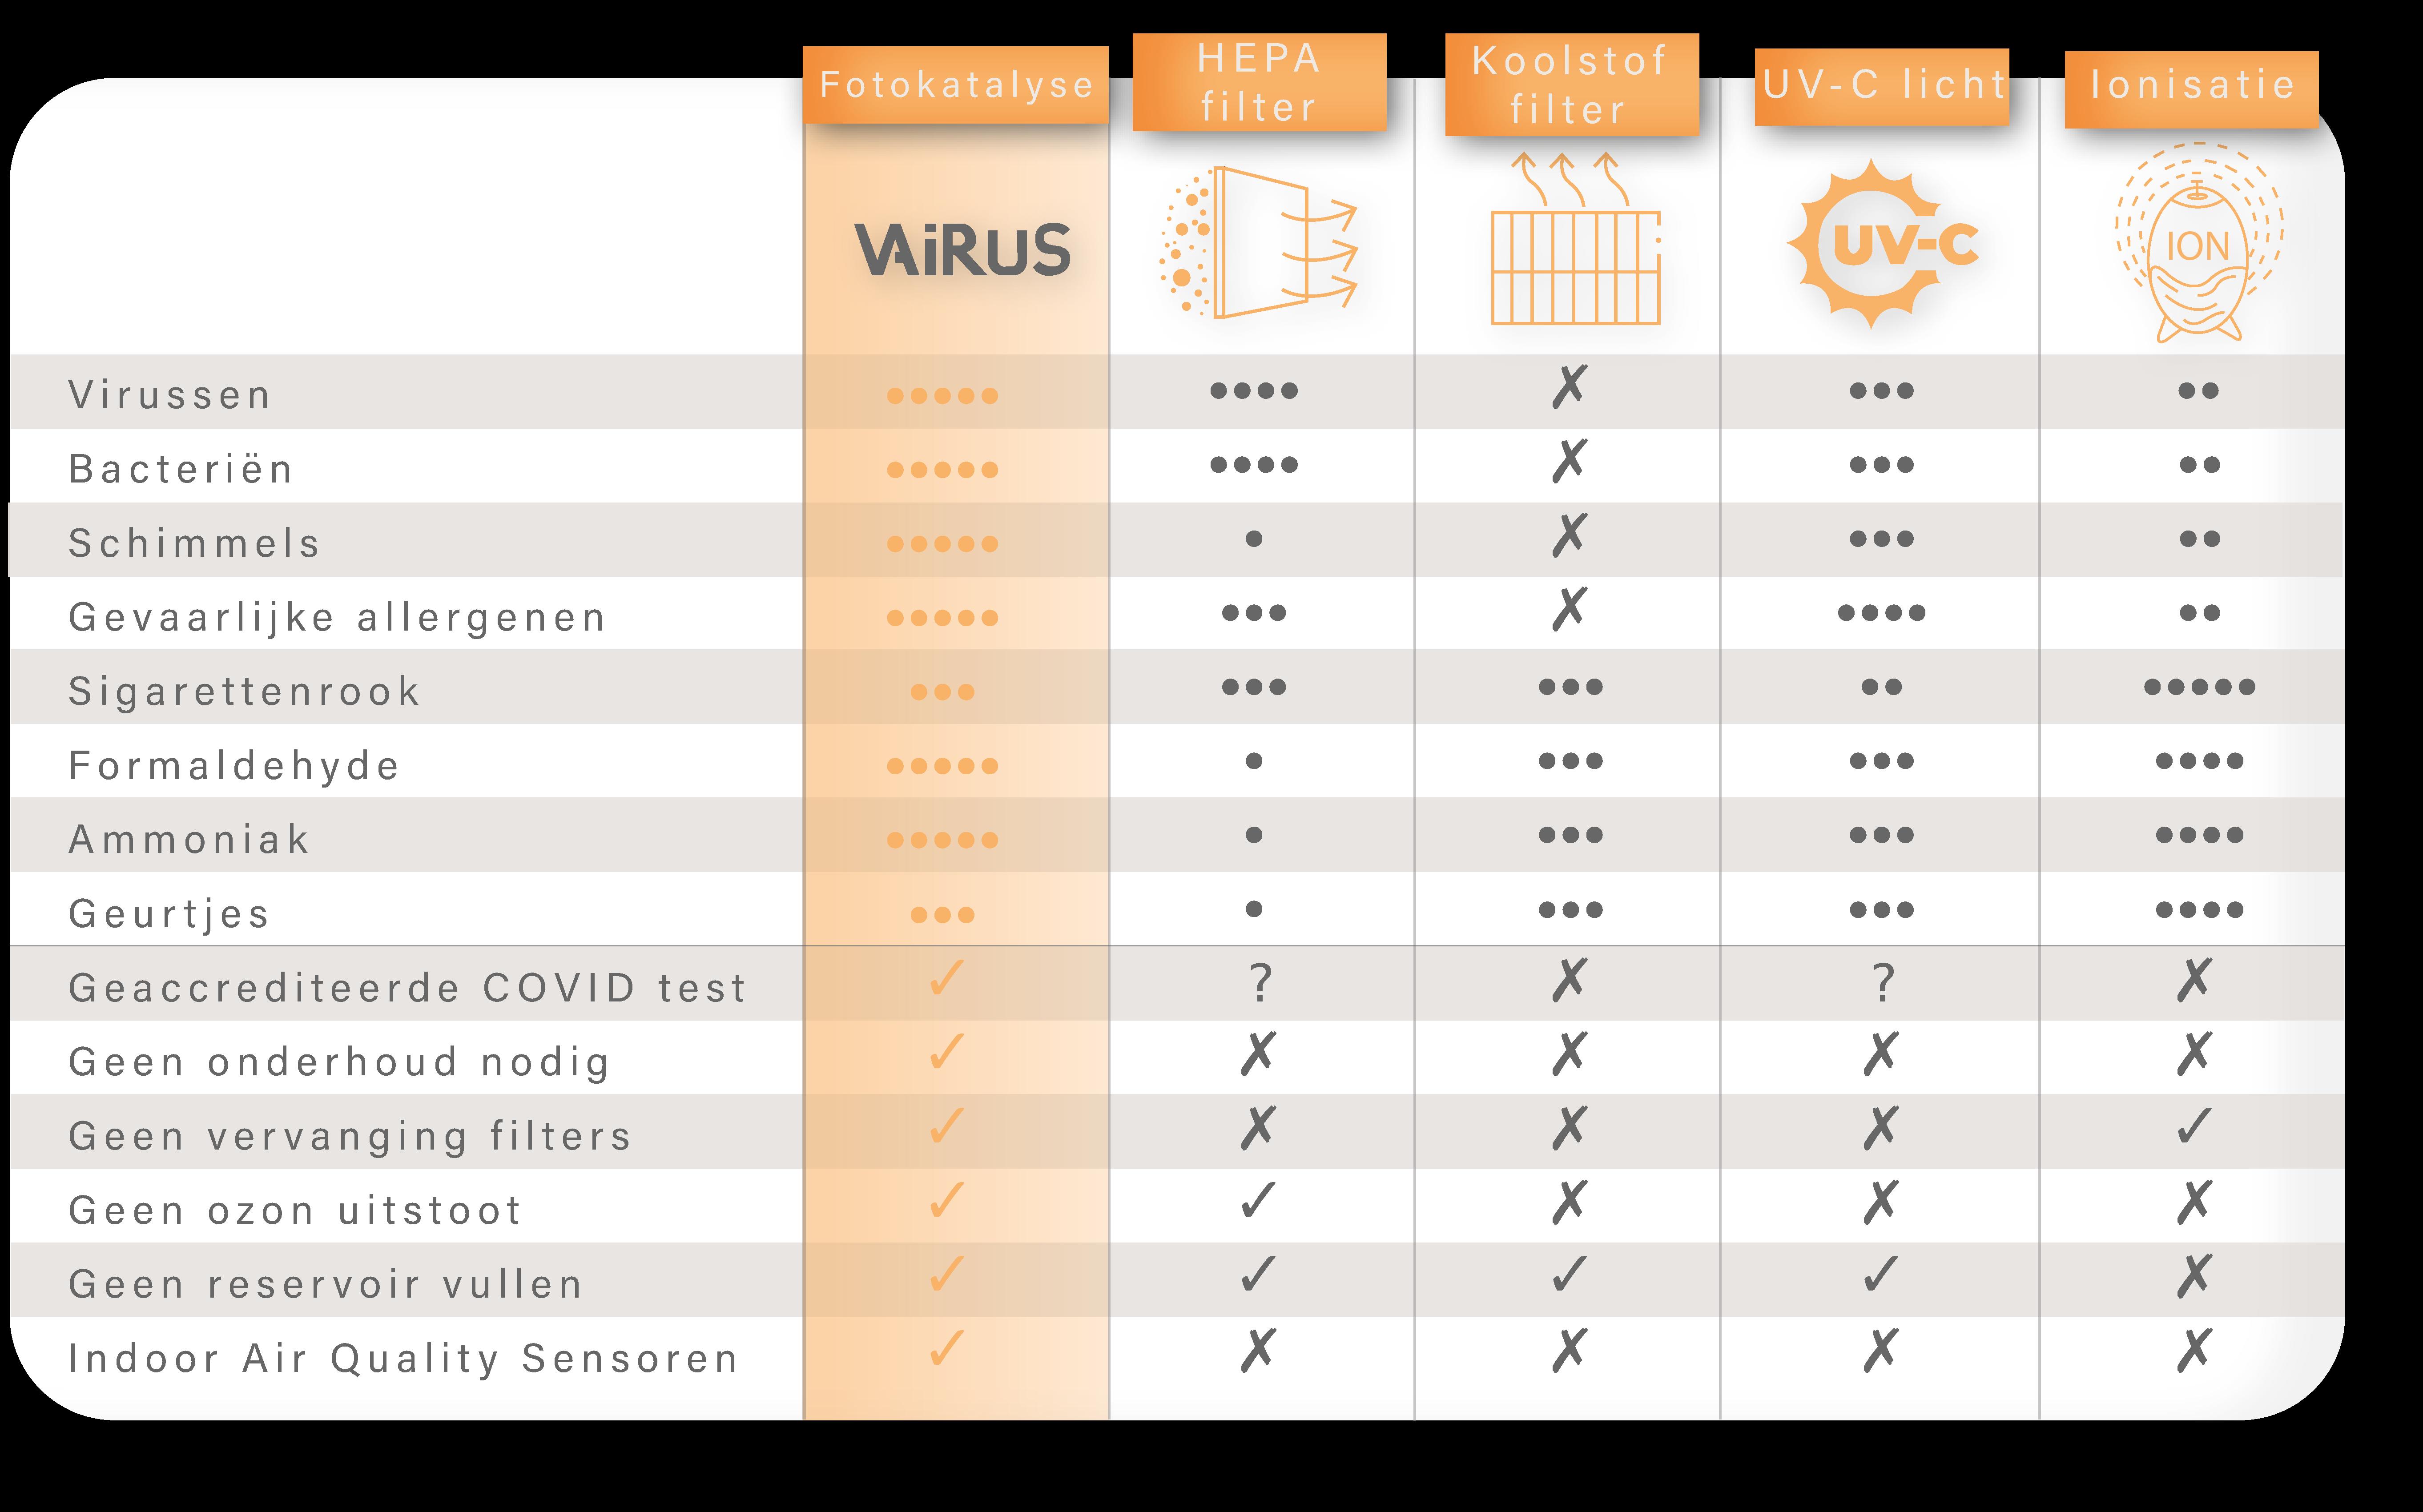 Vergelijking met HEPA, UV-C licht, Ionizers